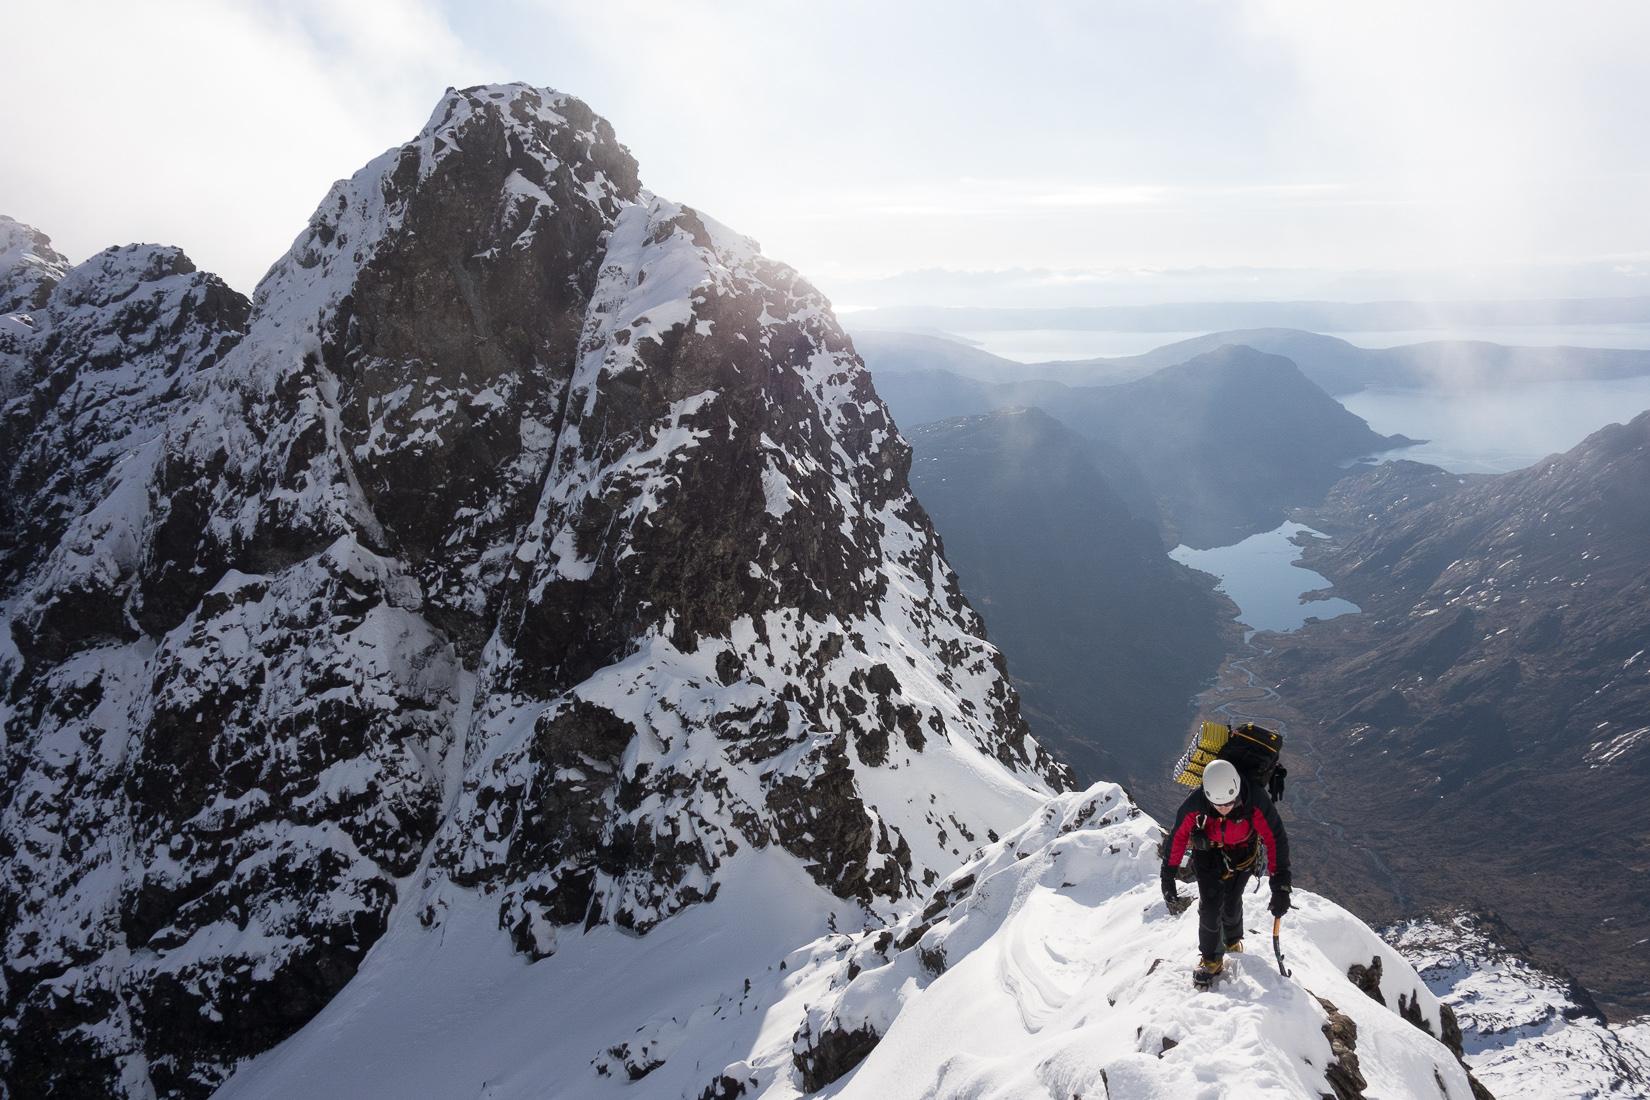 Climbing up to Sgurr a'Mhadaidh